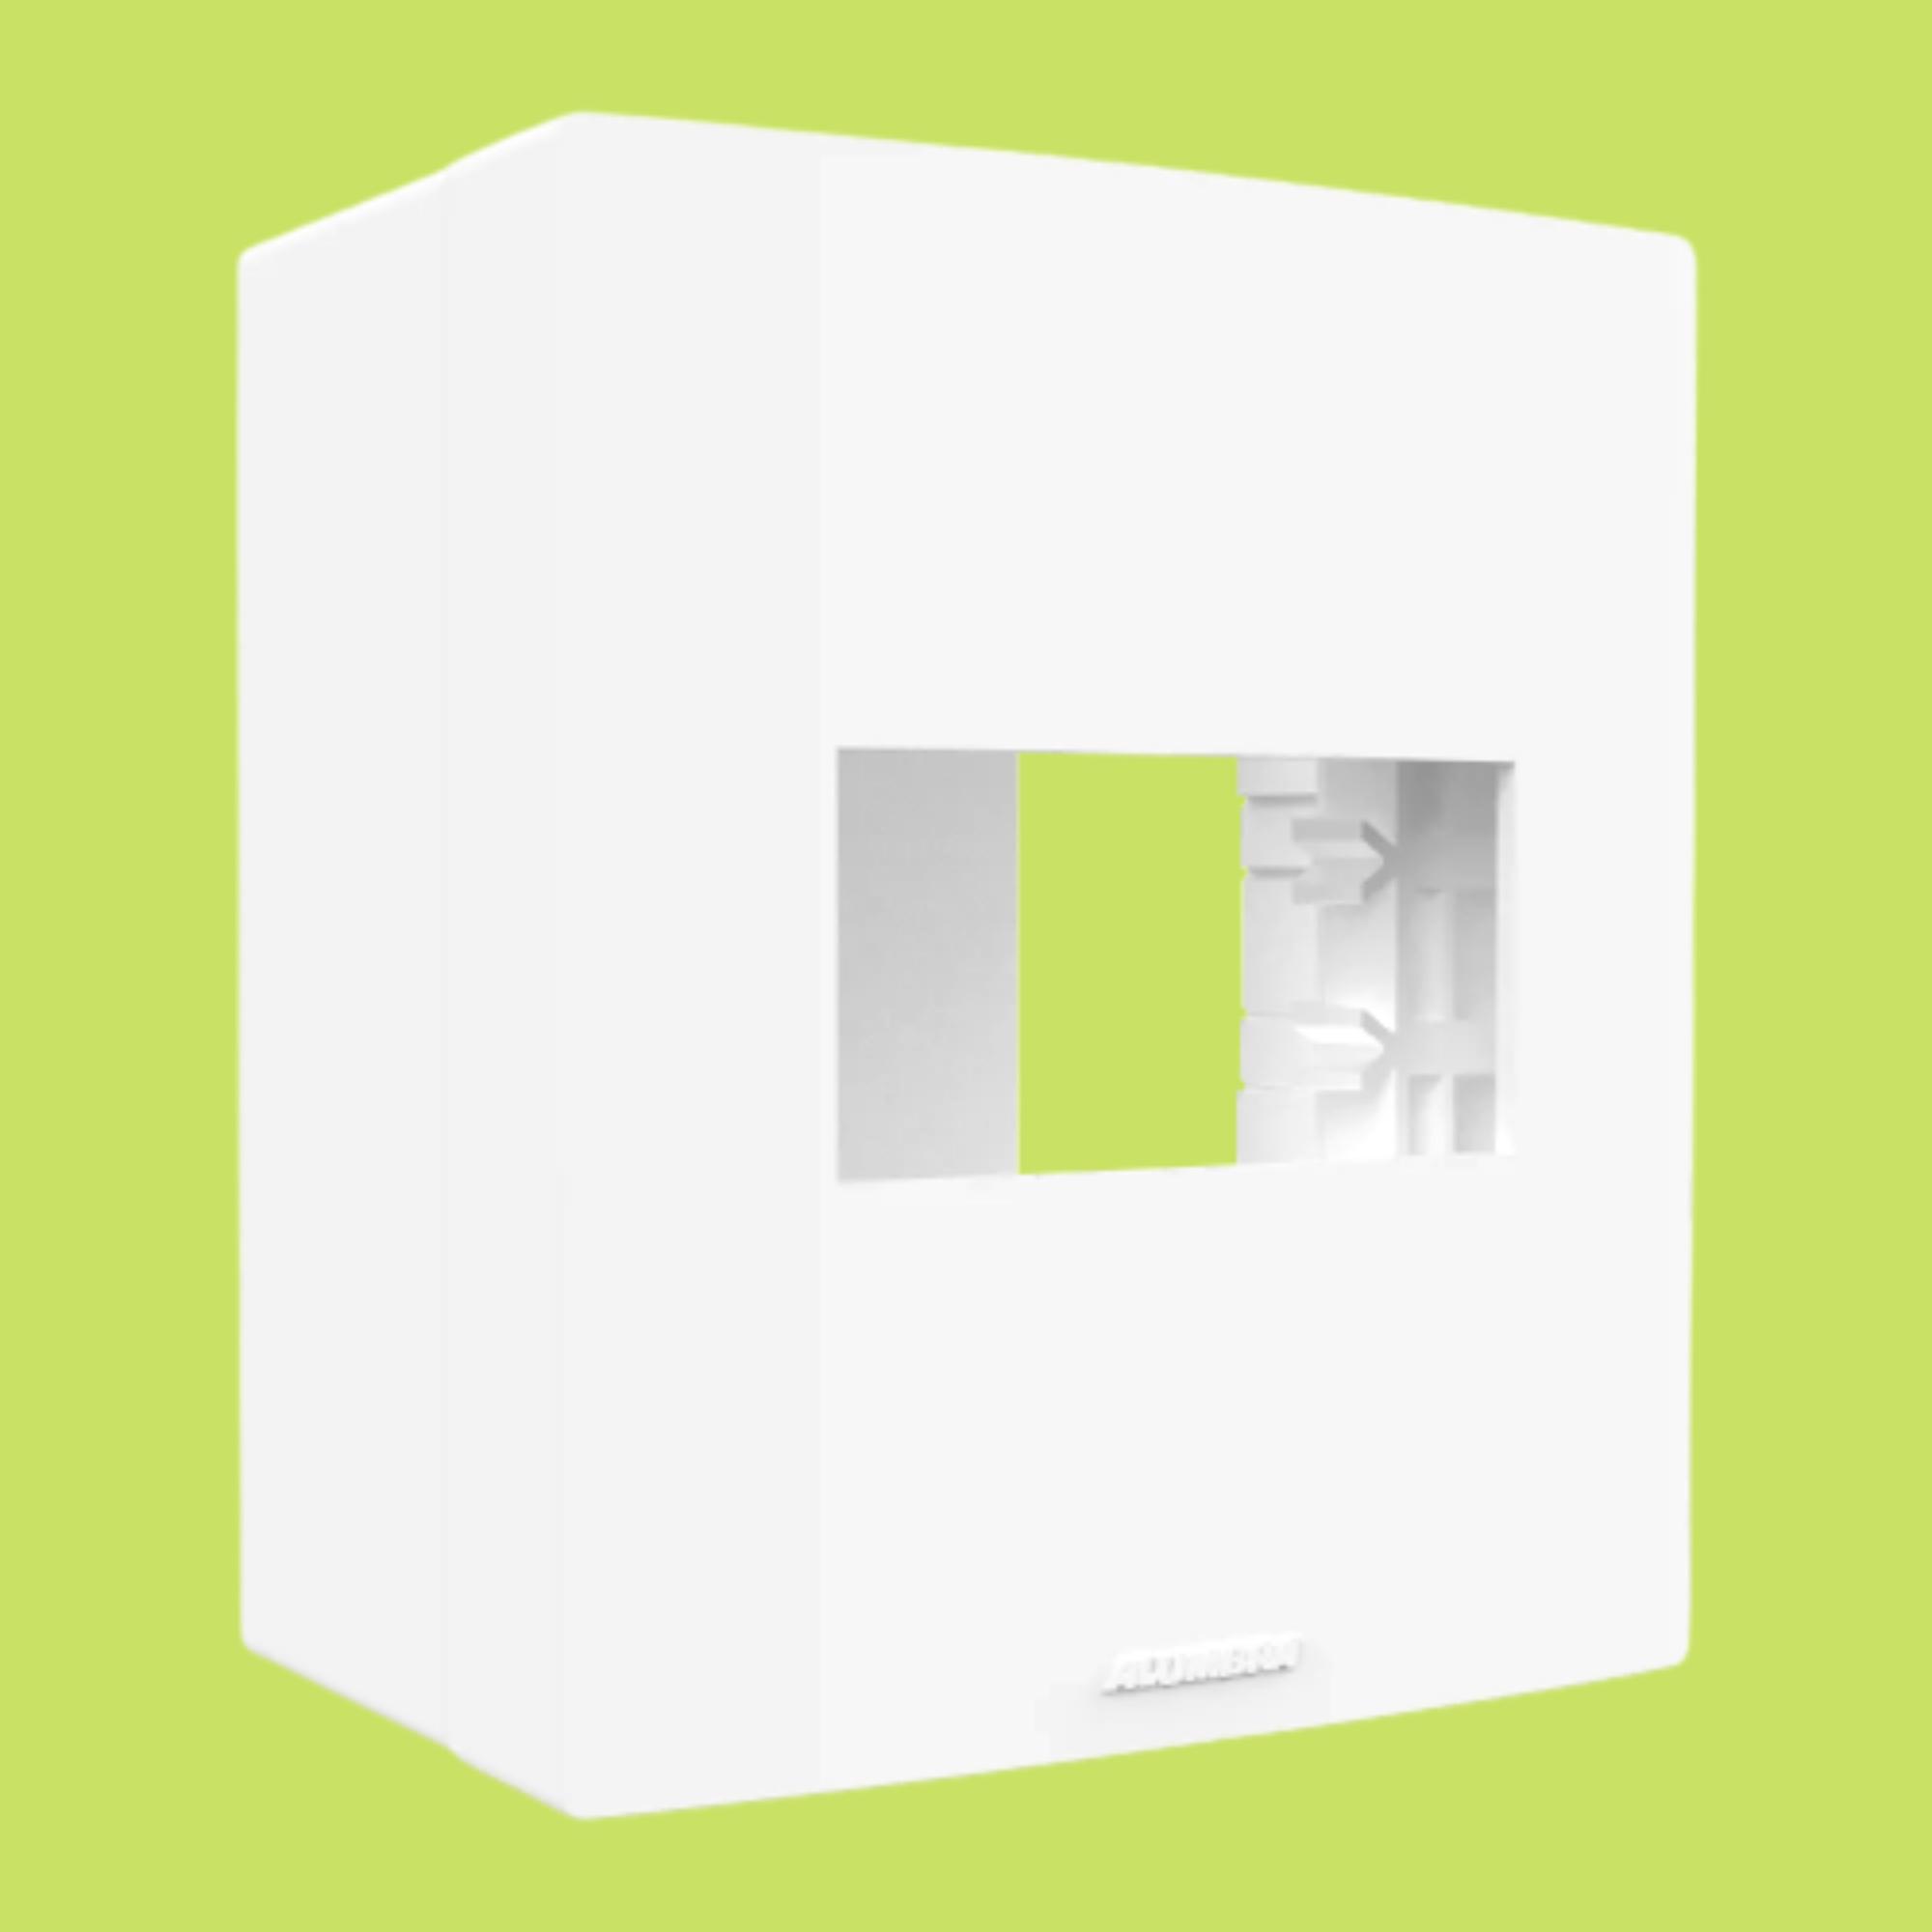 Inova Pró Caixa Externa Para 1 Módulo